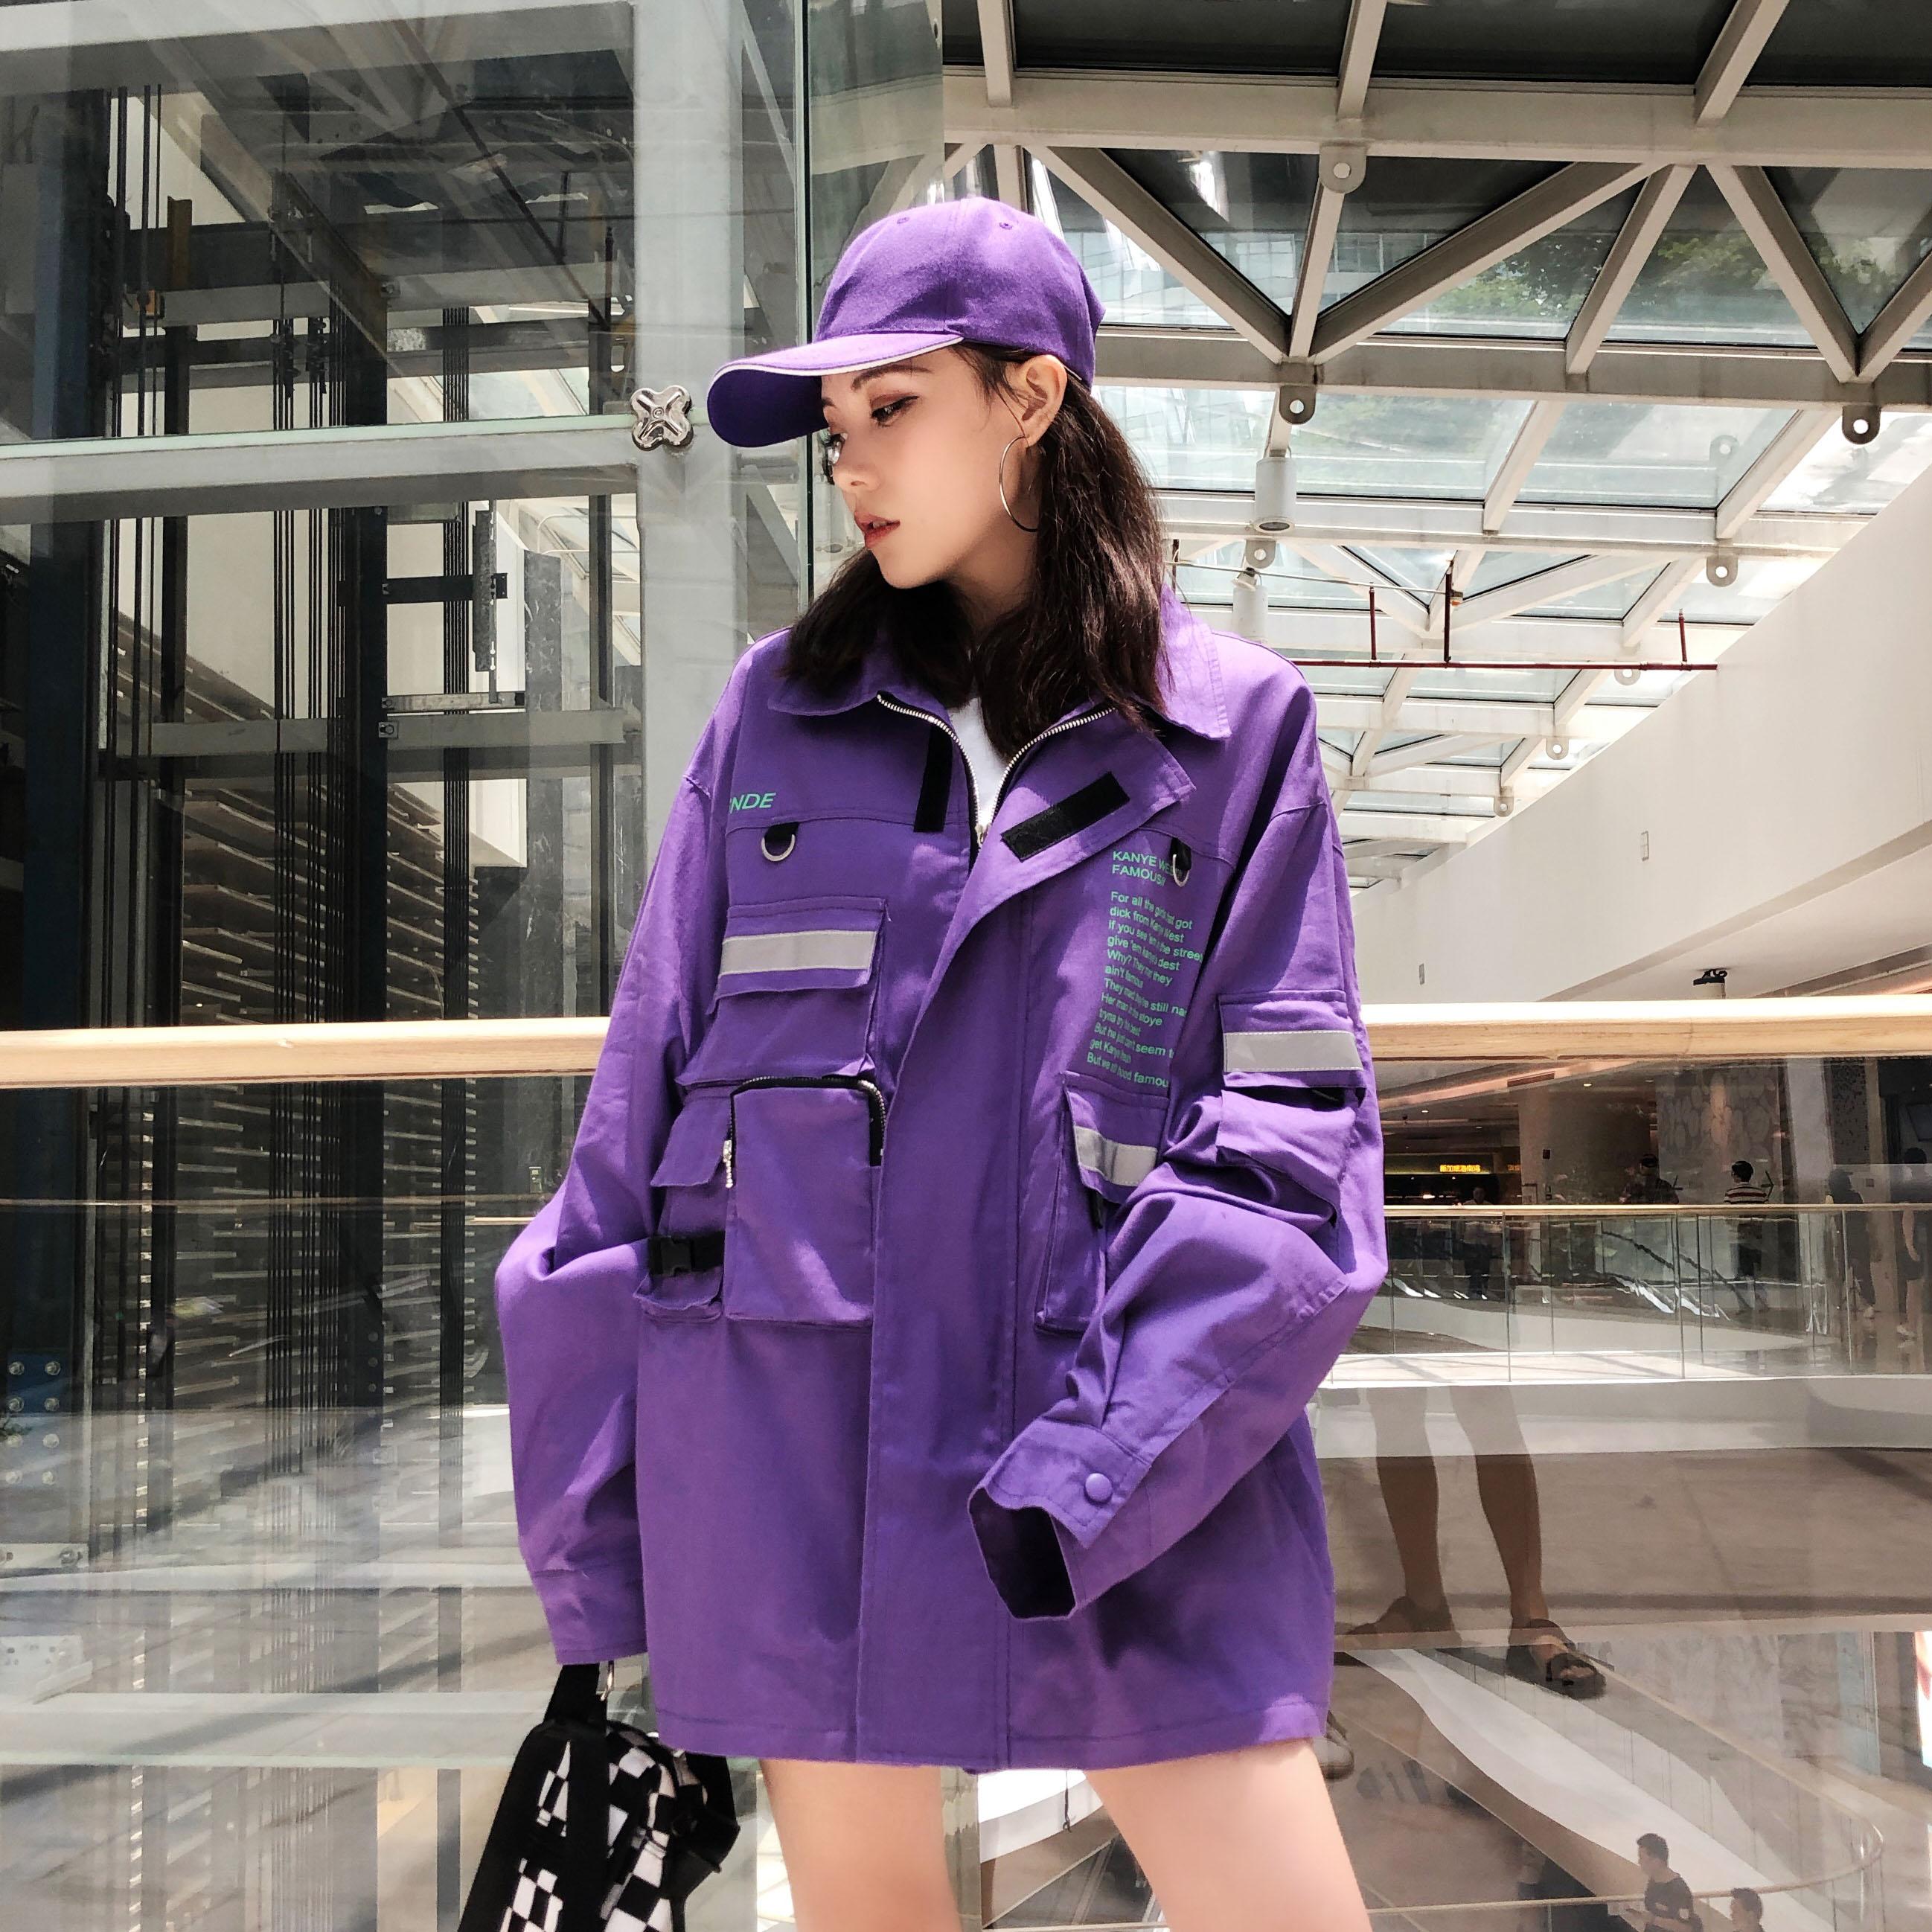 欧美嘻哈外套女春秋韩版学生bf原宿宽松港风社会风女装夹克外套潮